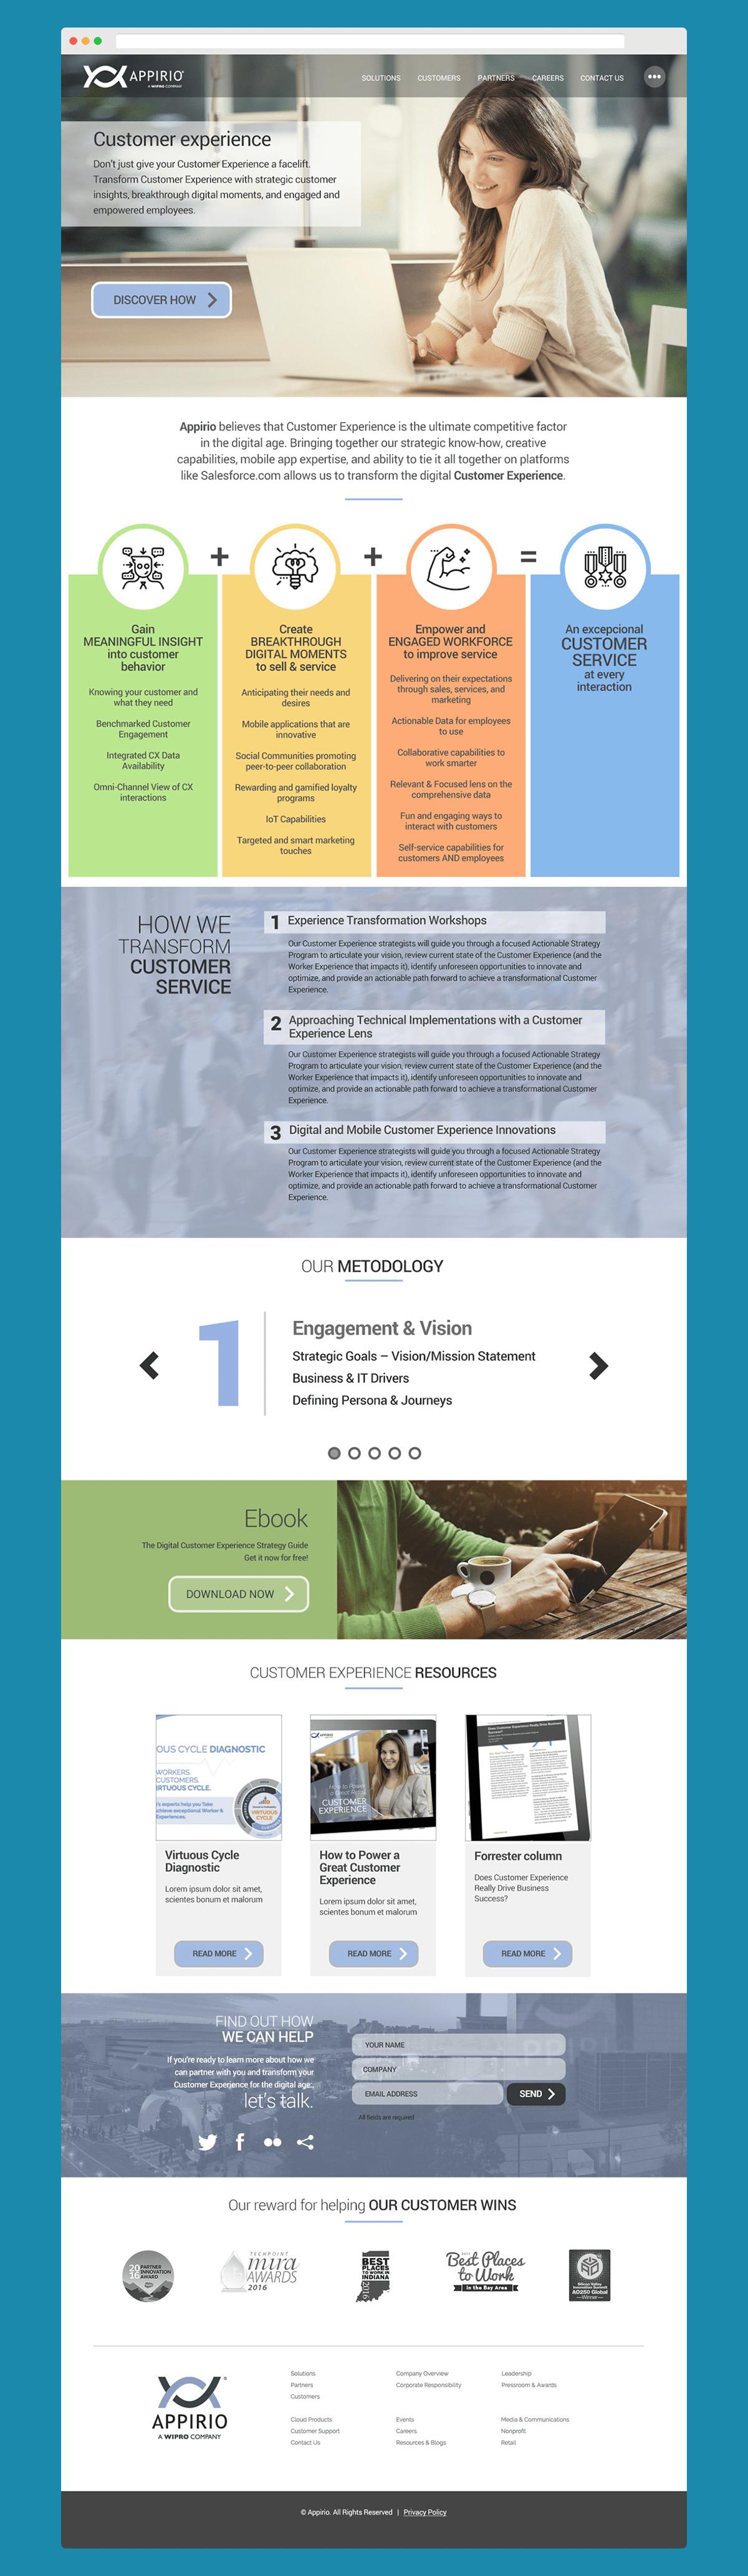 Appirio - Rediseño sitio web